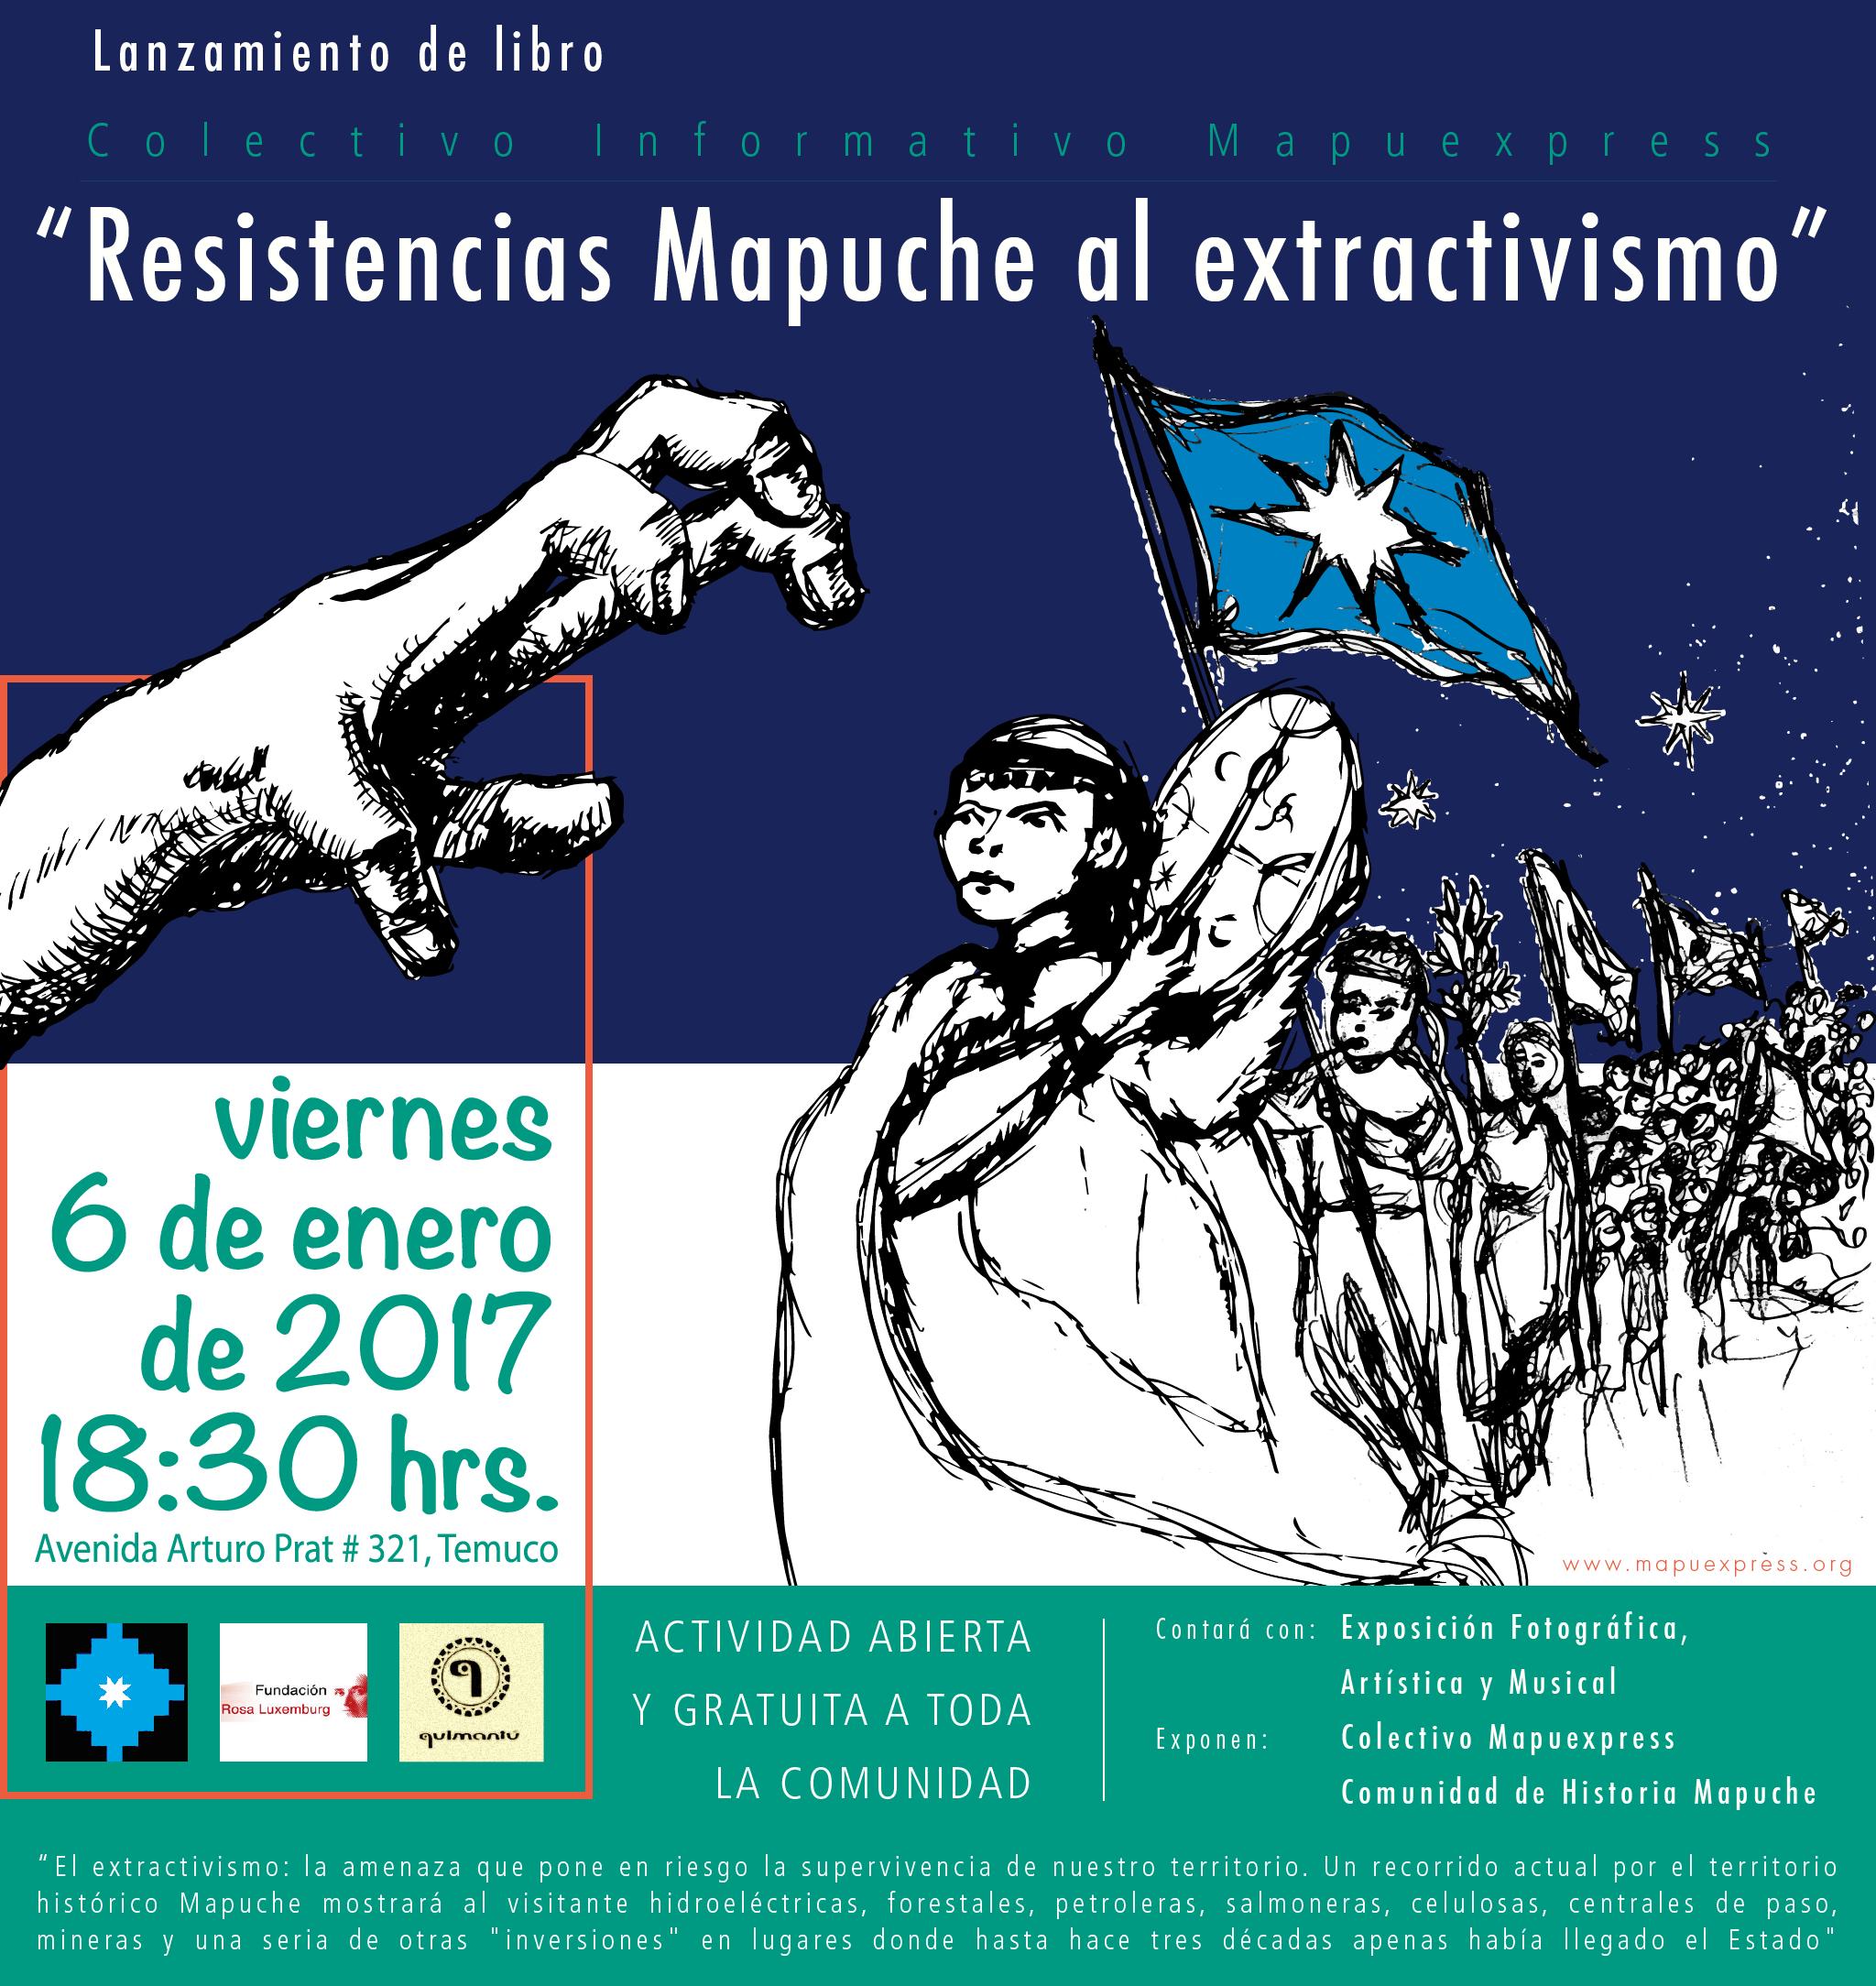 """Colectivo Mapuexpress realizará el lanzamiento de su libro: """"Resistencias Mapuche al extractivismo"""""""